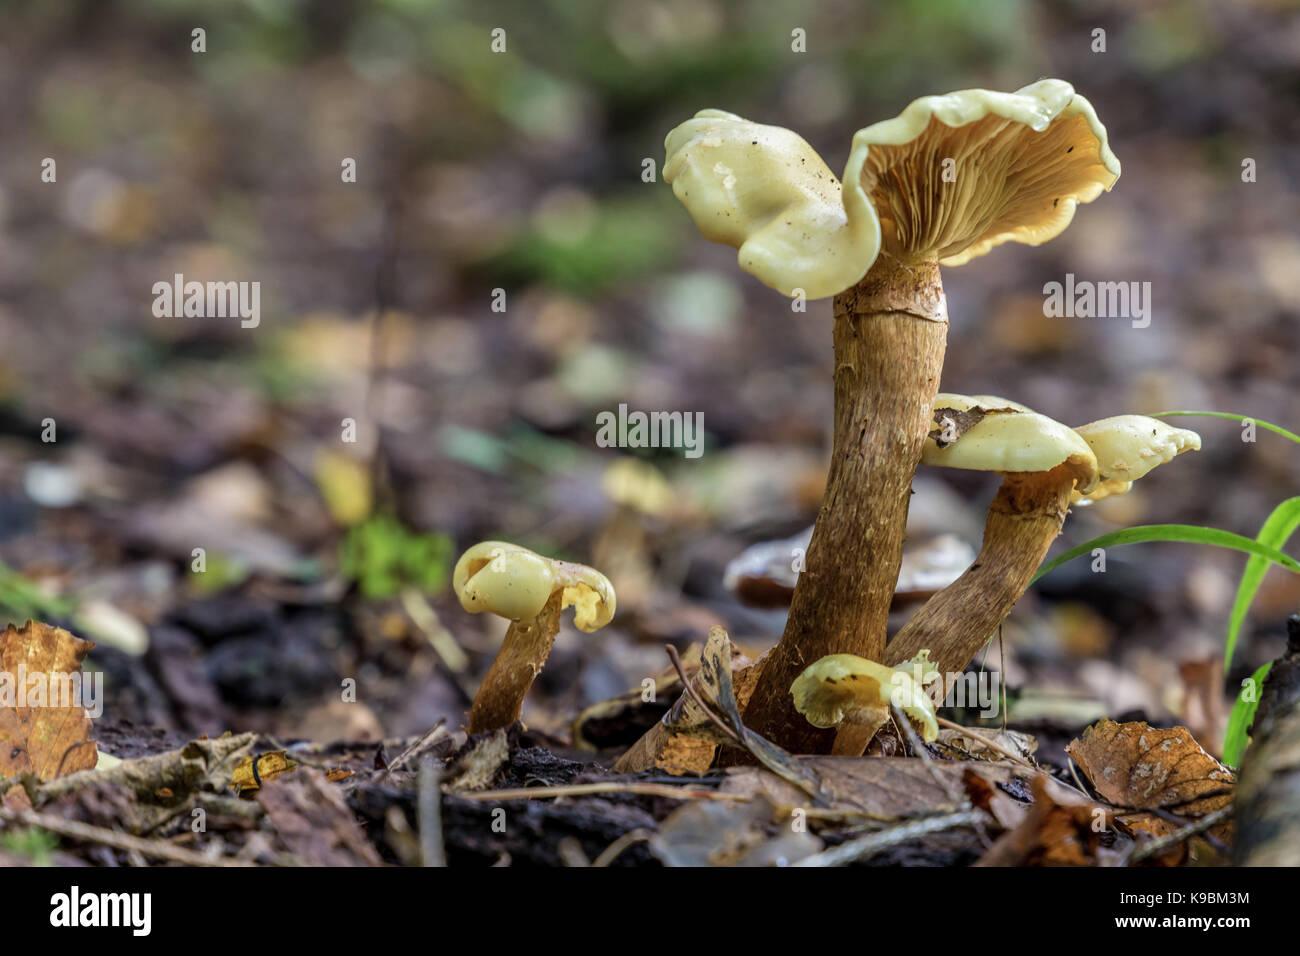 Family of Albatrellus confluens in close-up landscape - Stock Image